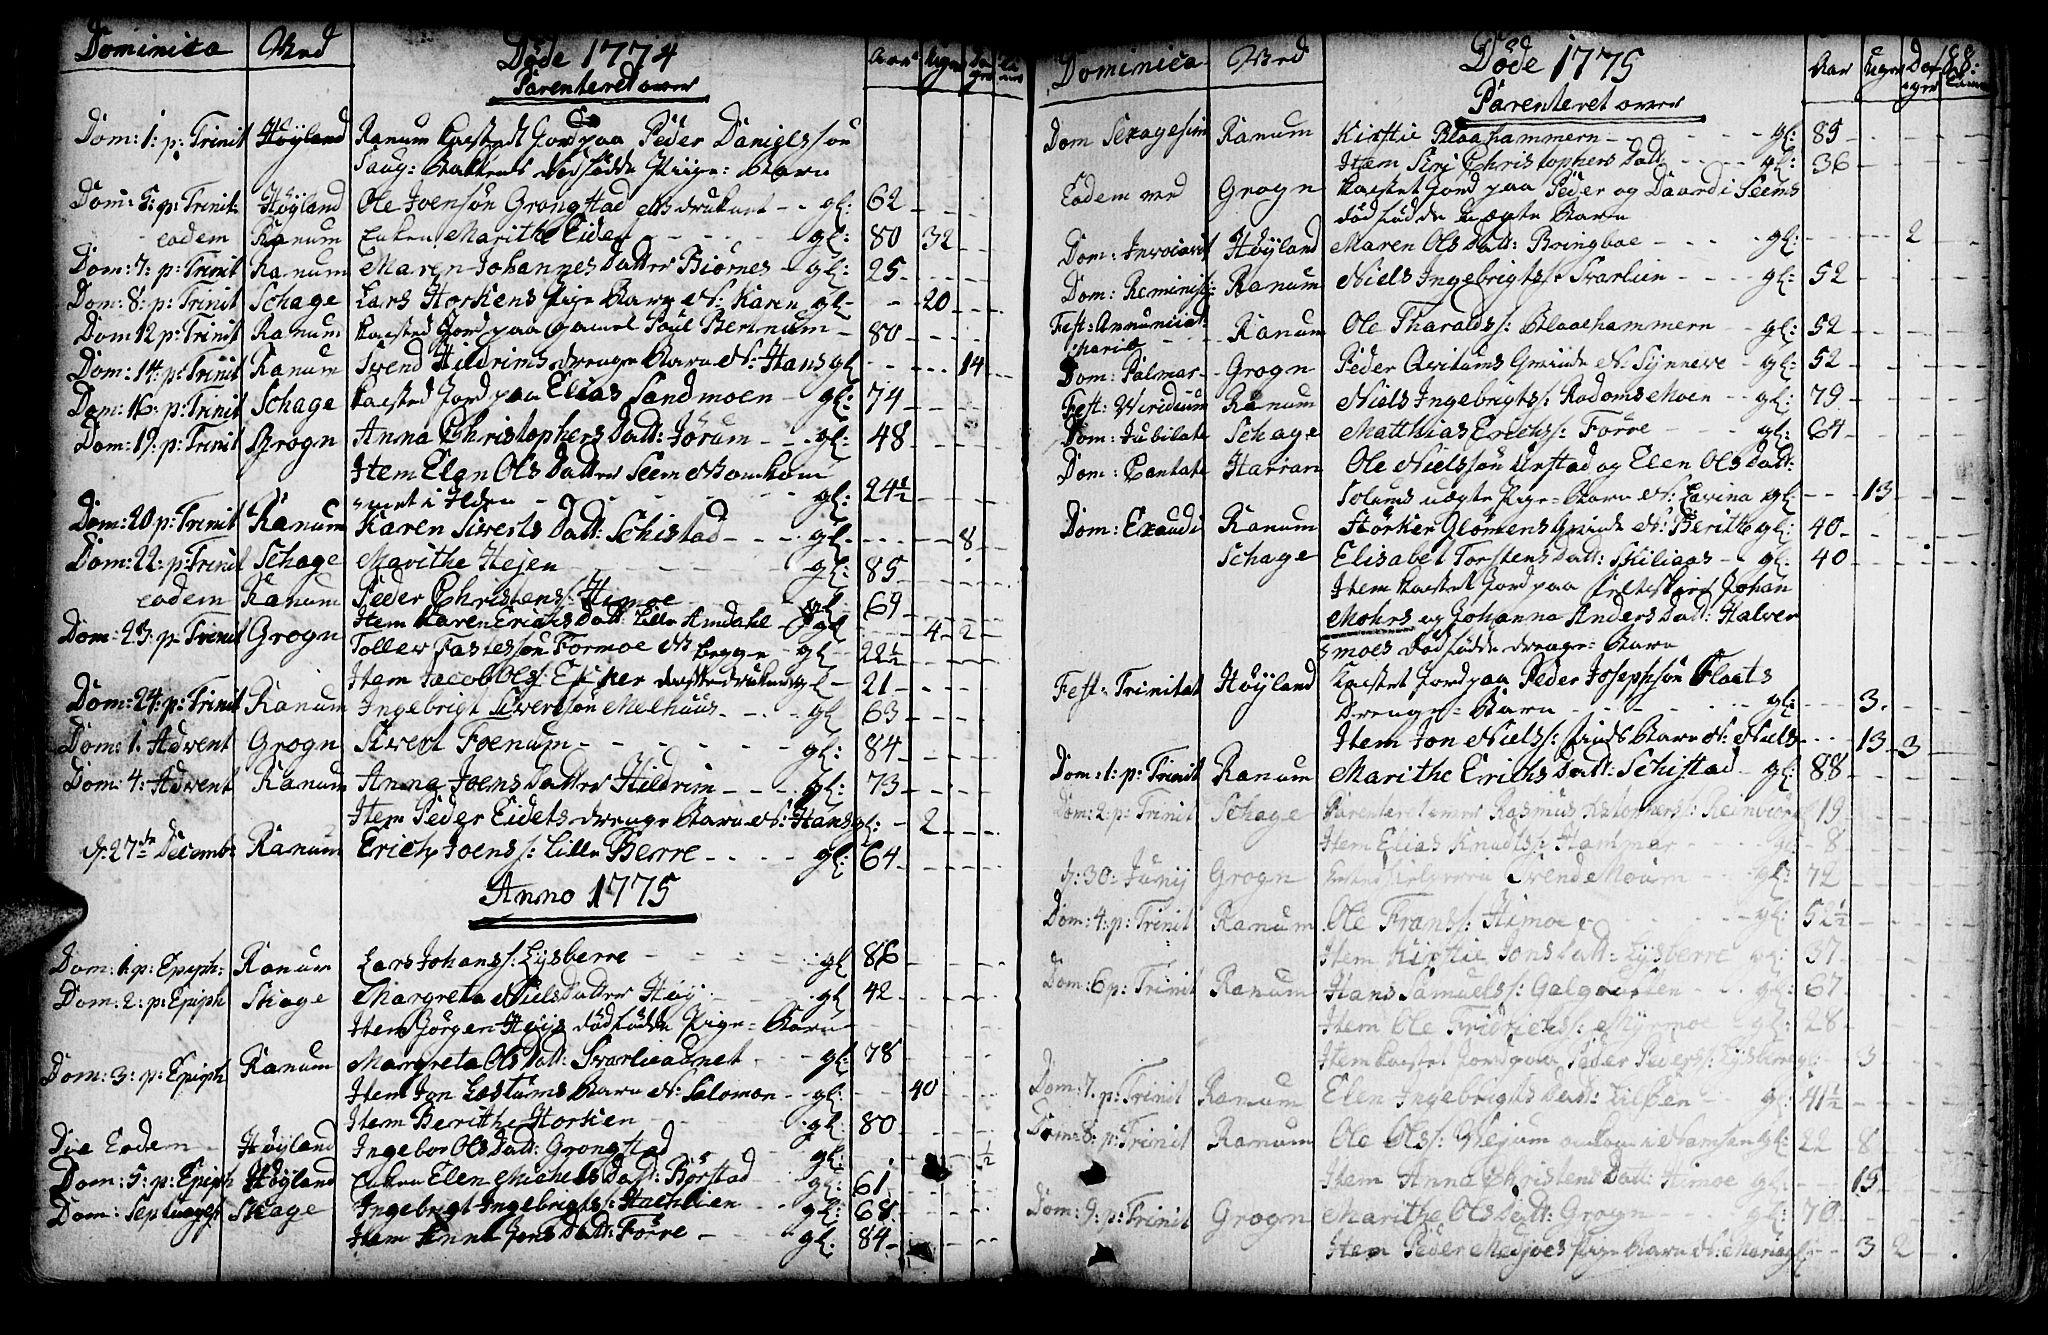 SAT, Ministerialprotokoller, klokkerbøker og fødselsregistre - Nord-Trøndelag, 764/L0542: Ministerialbok nr. 764A02, 1748-1779, s. 188